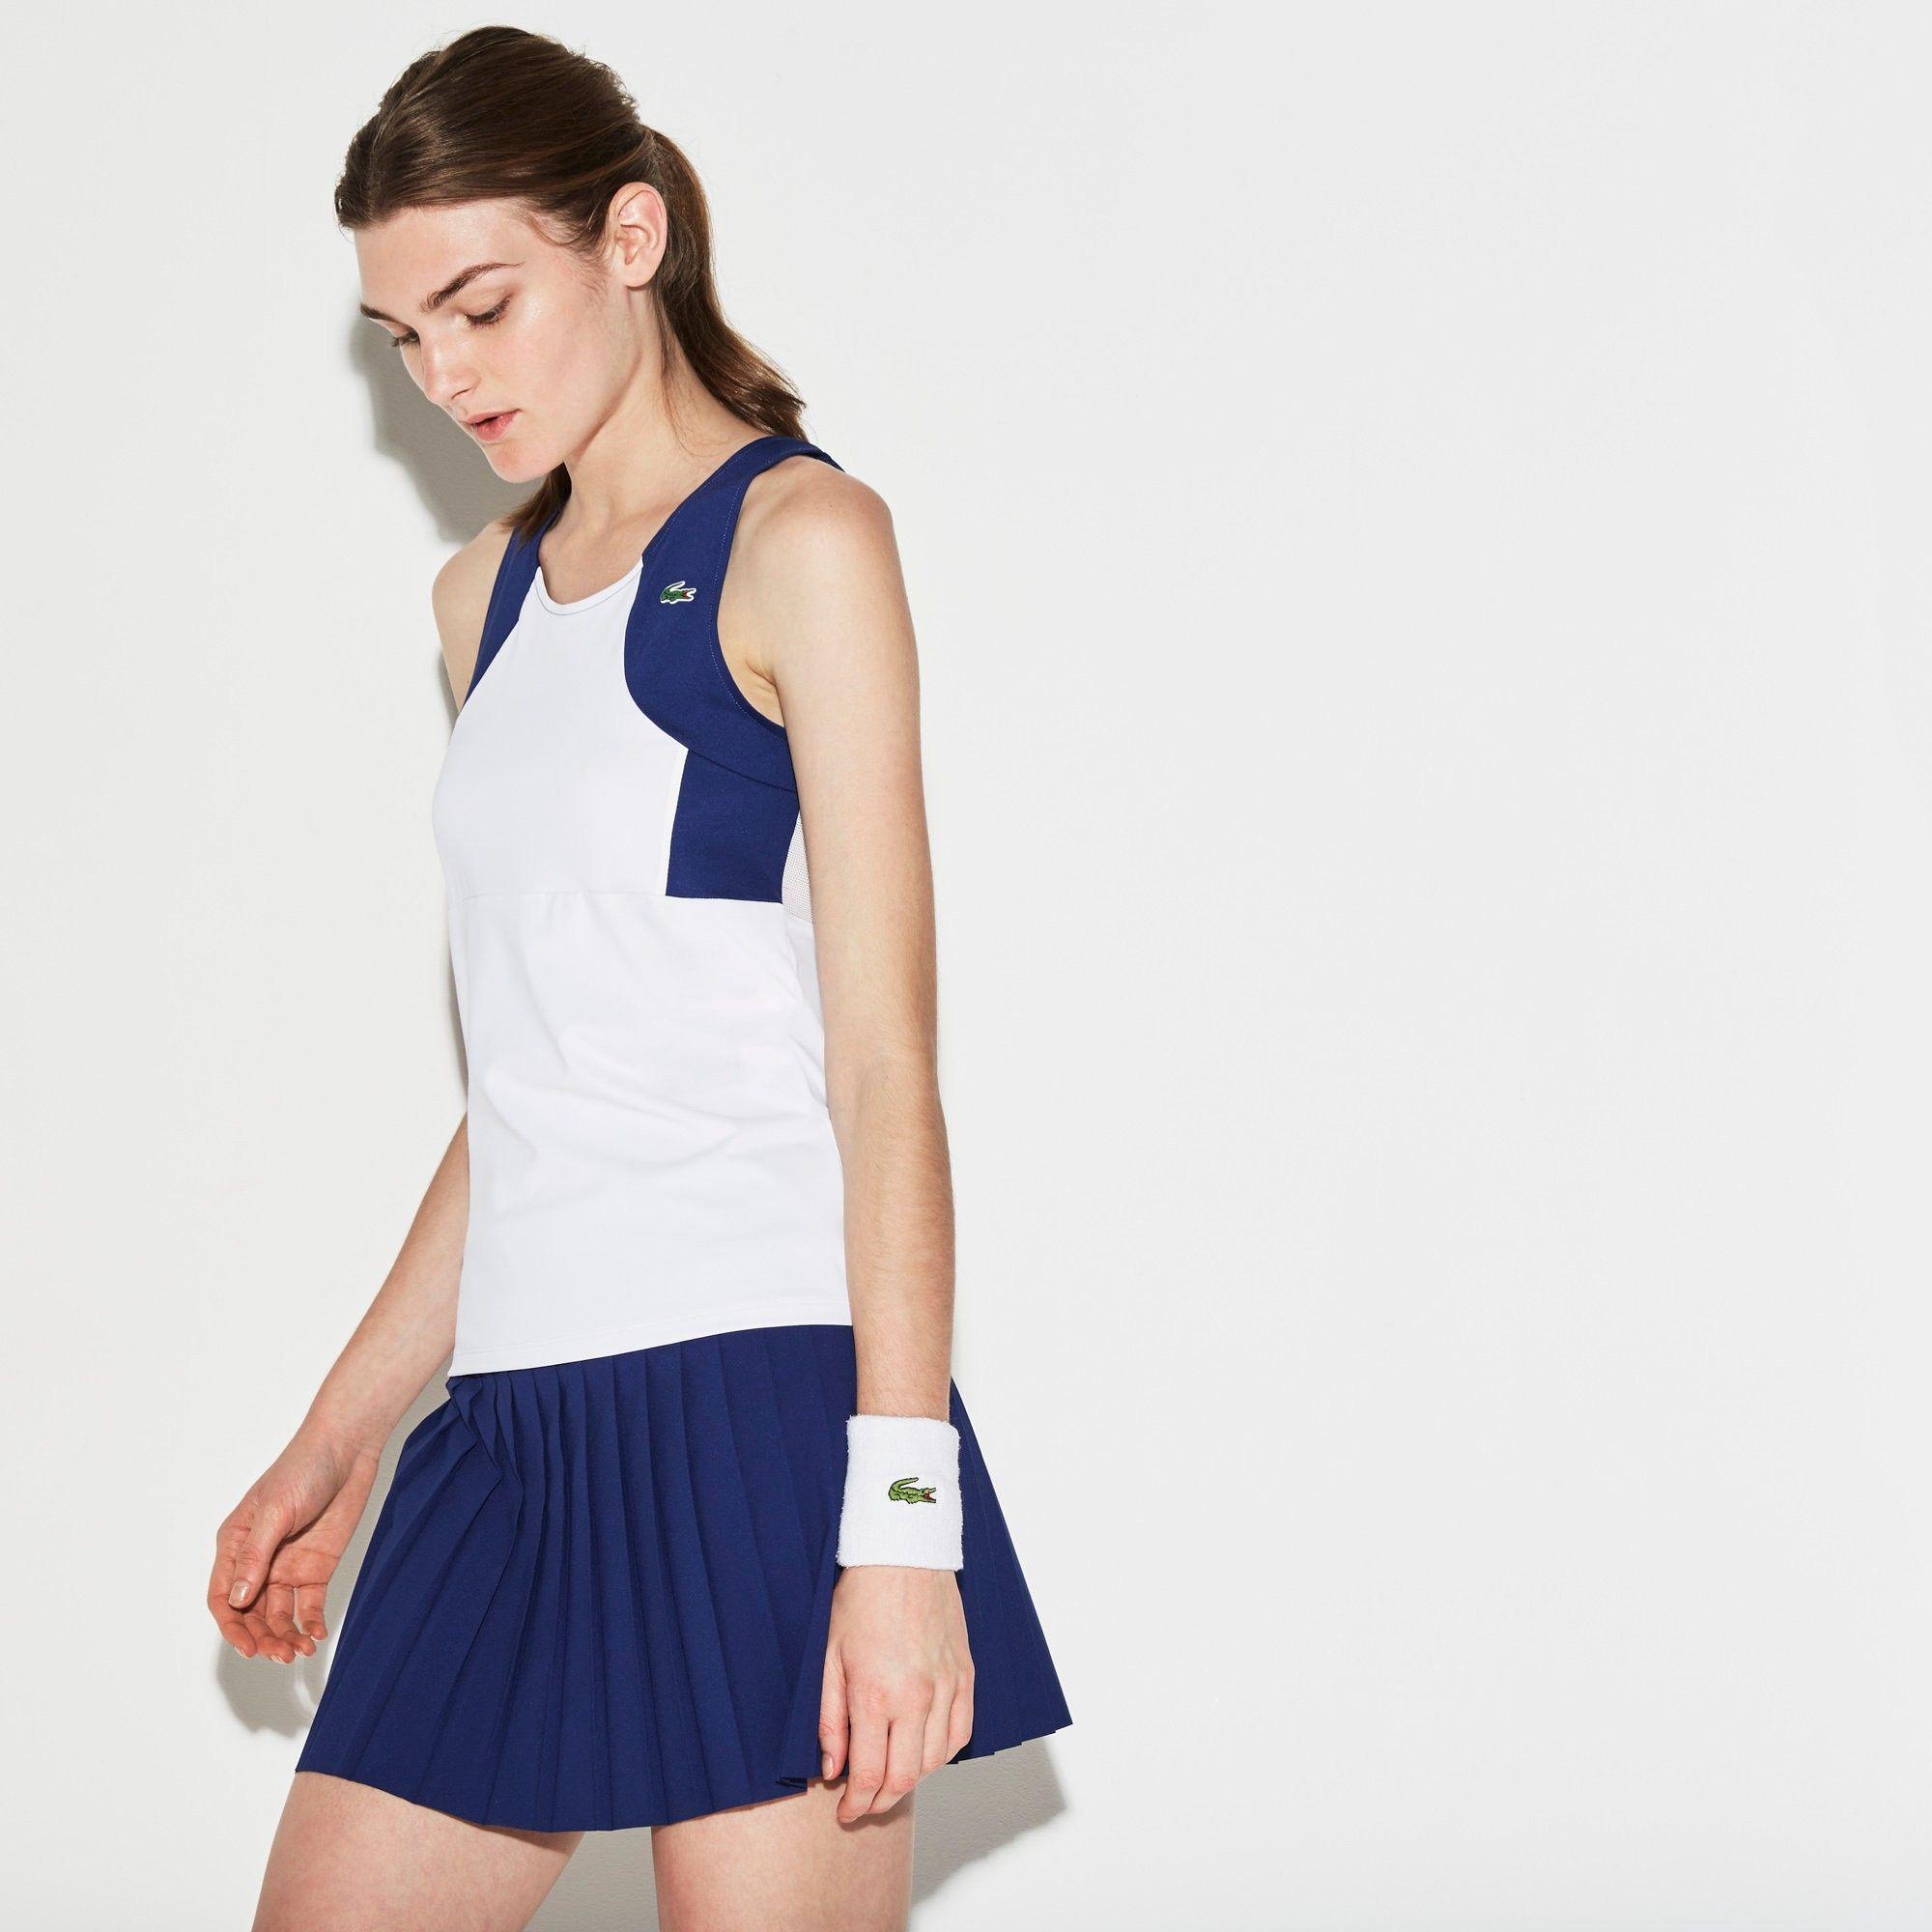 Lacoste Women S Sport Tennis Colorblock Jersey Racerback Dress In White White Navy Blue Modesens Tennis Dress Tennis Tank Tops Lacoste Women